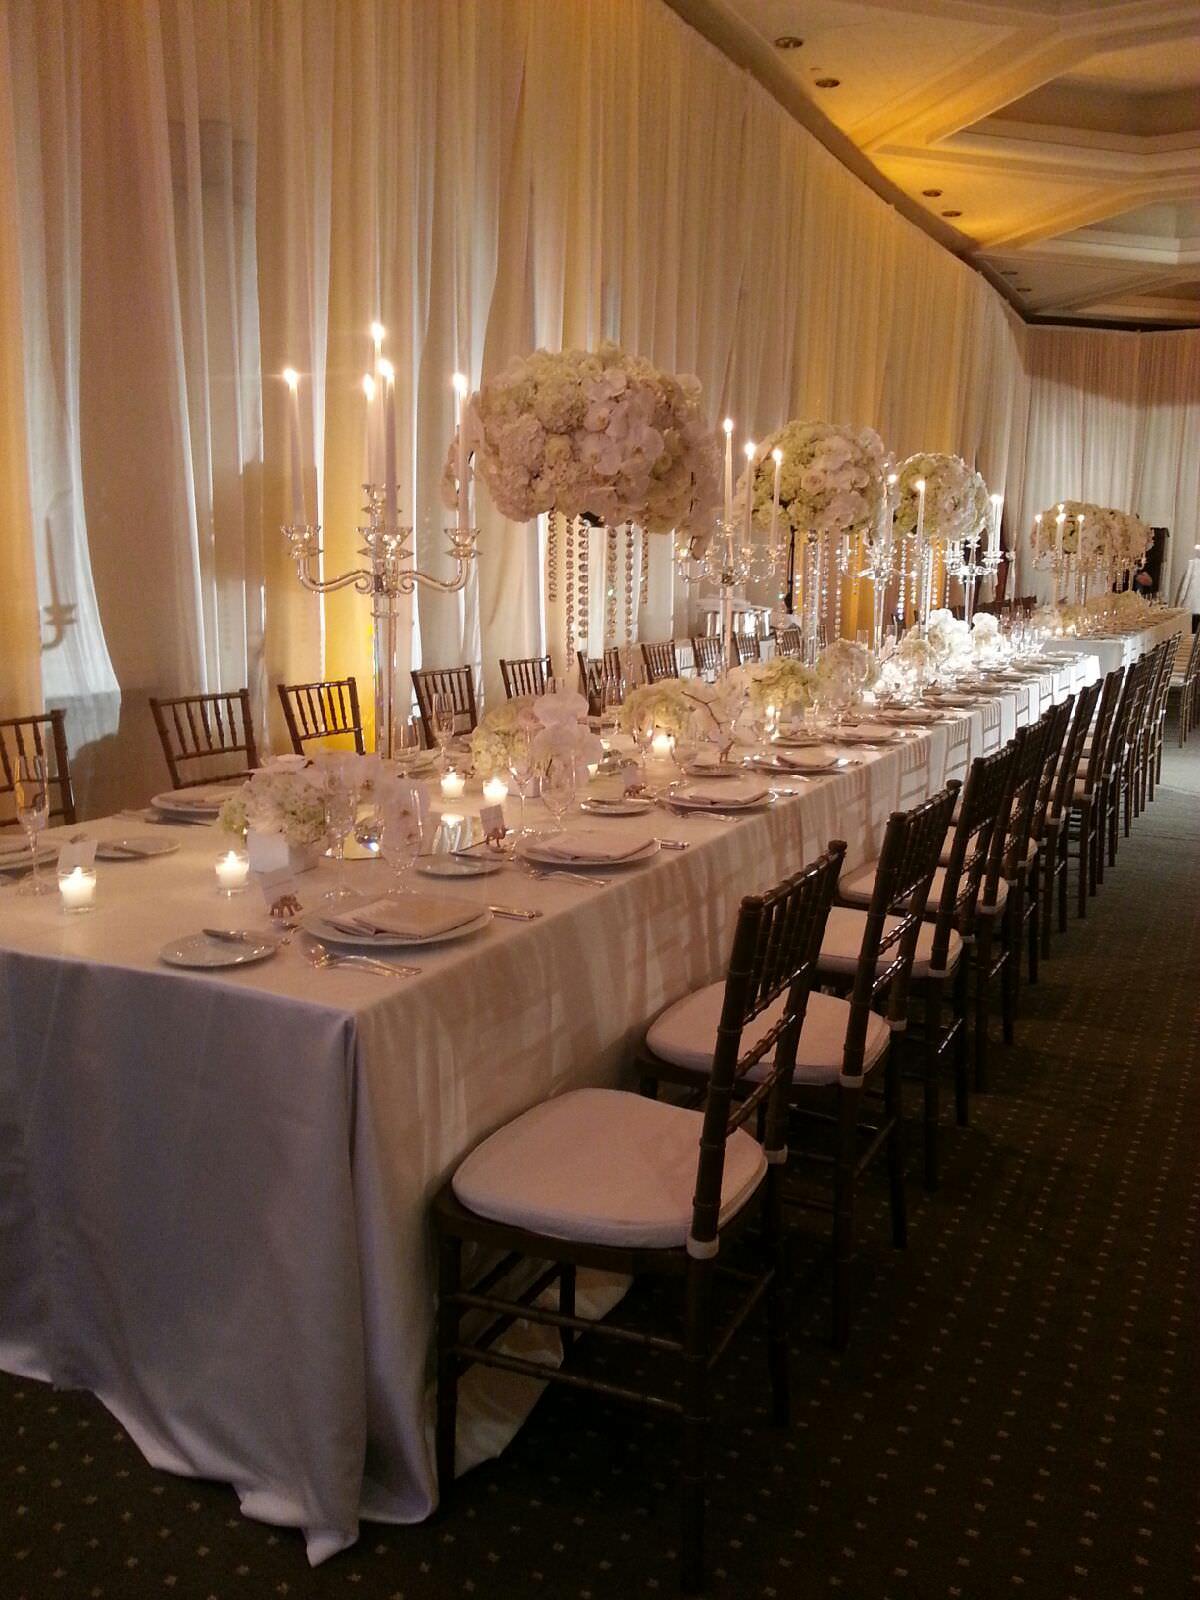 Curate-Weddings-Aftin-Dan-Kings-Table-2.JPG